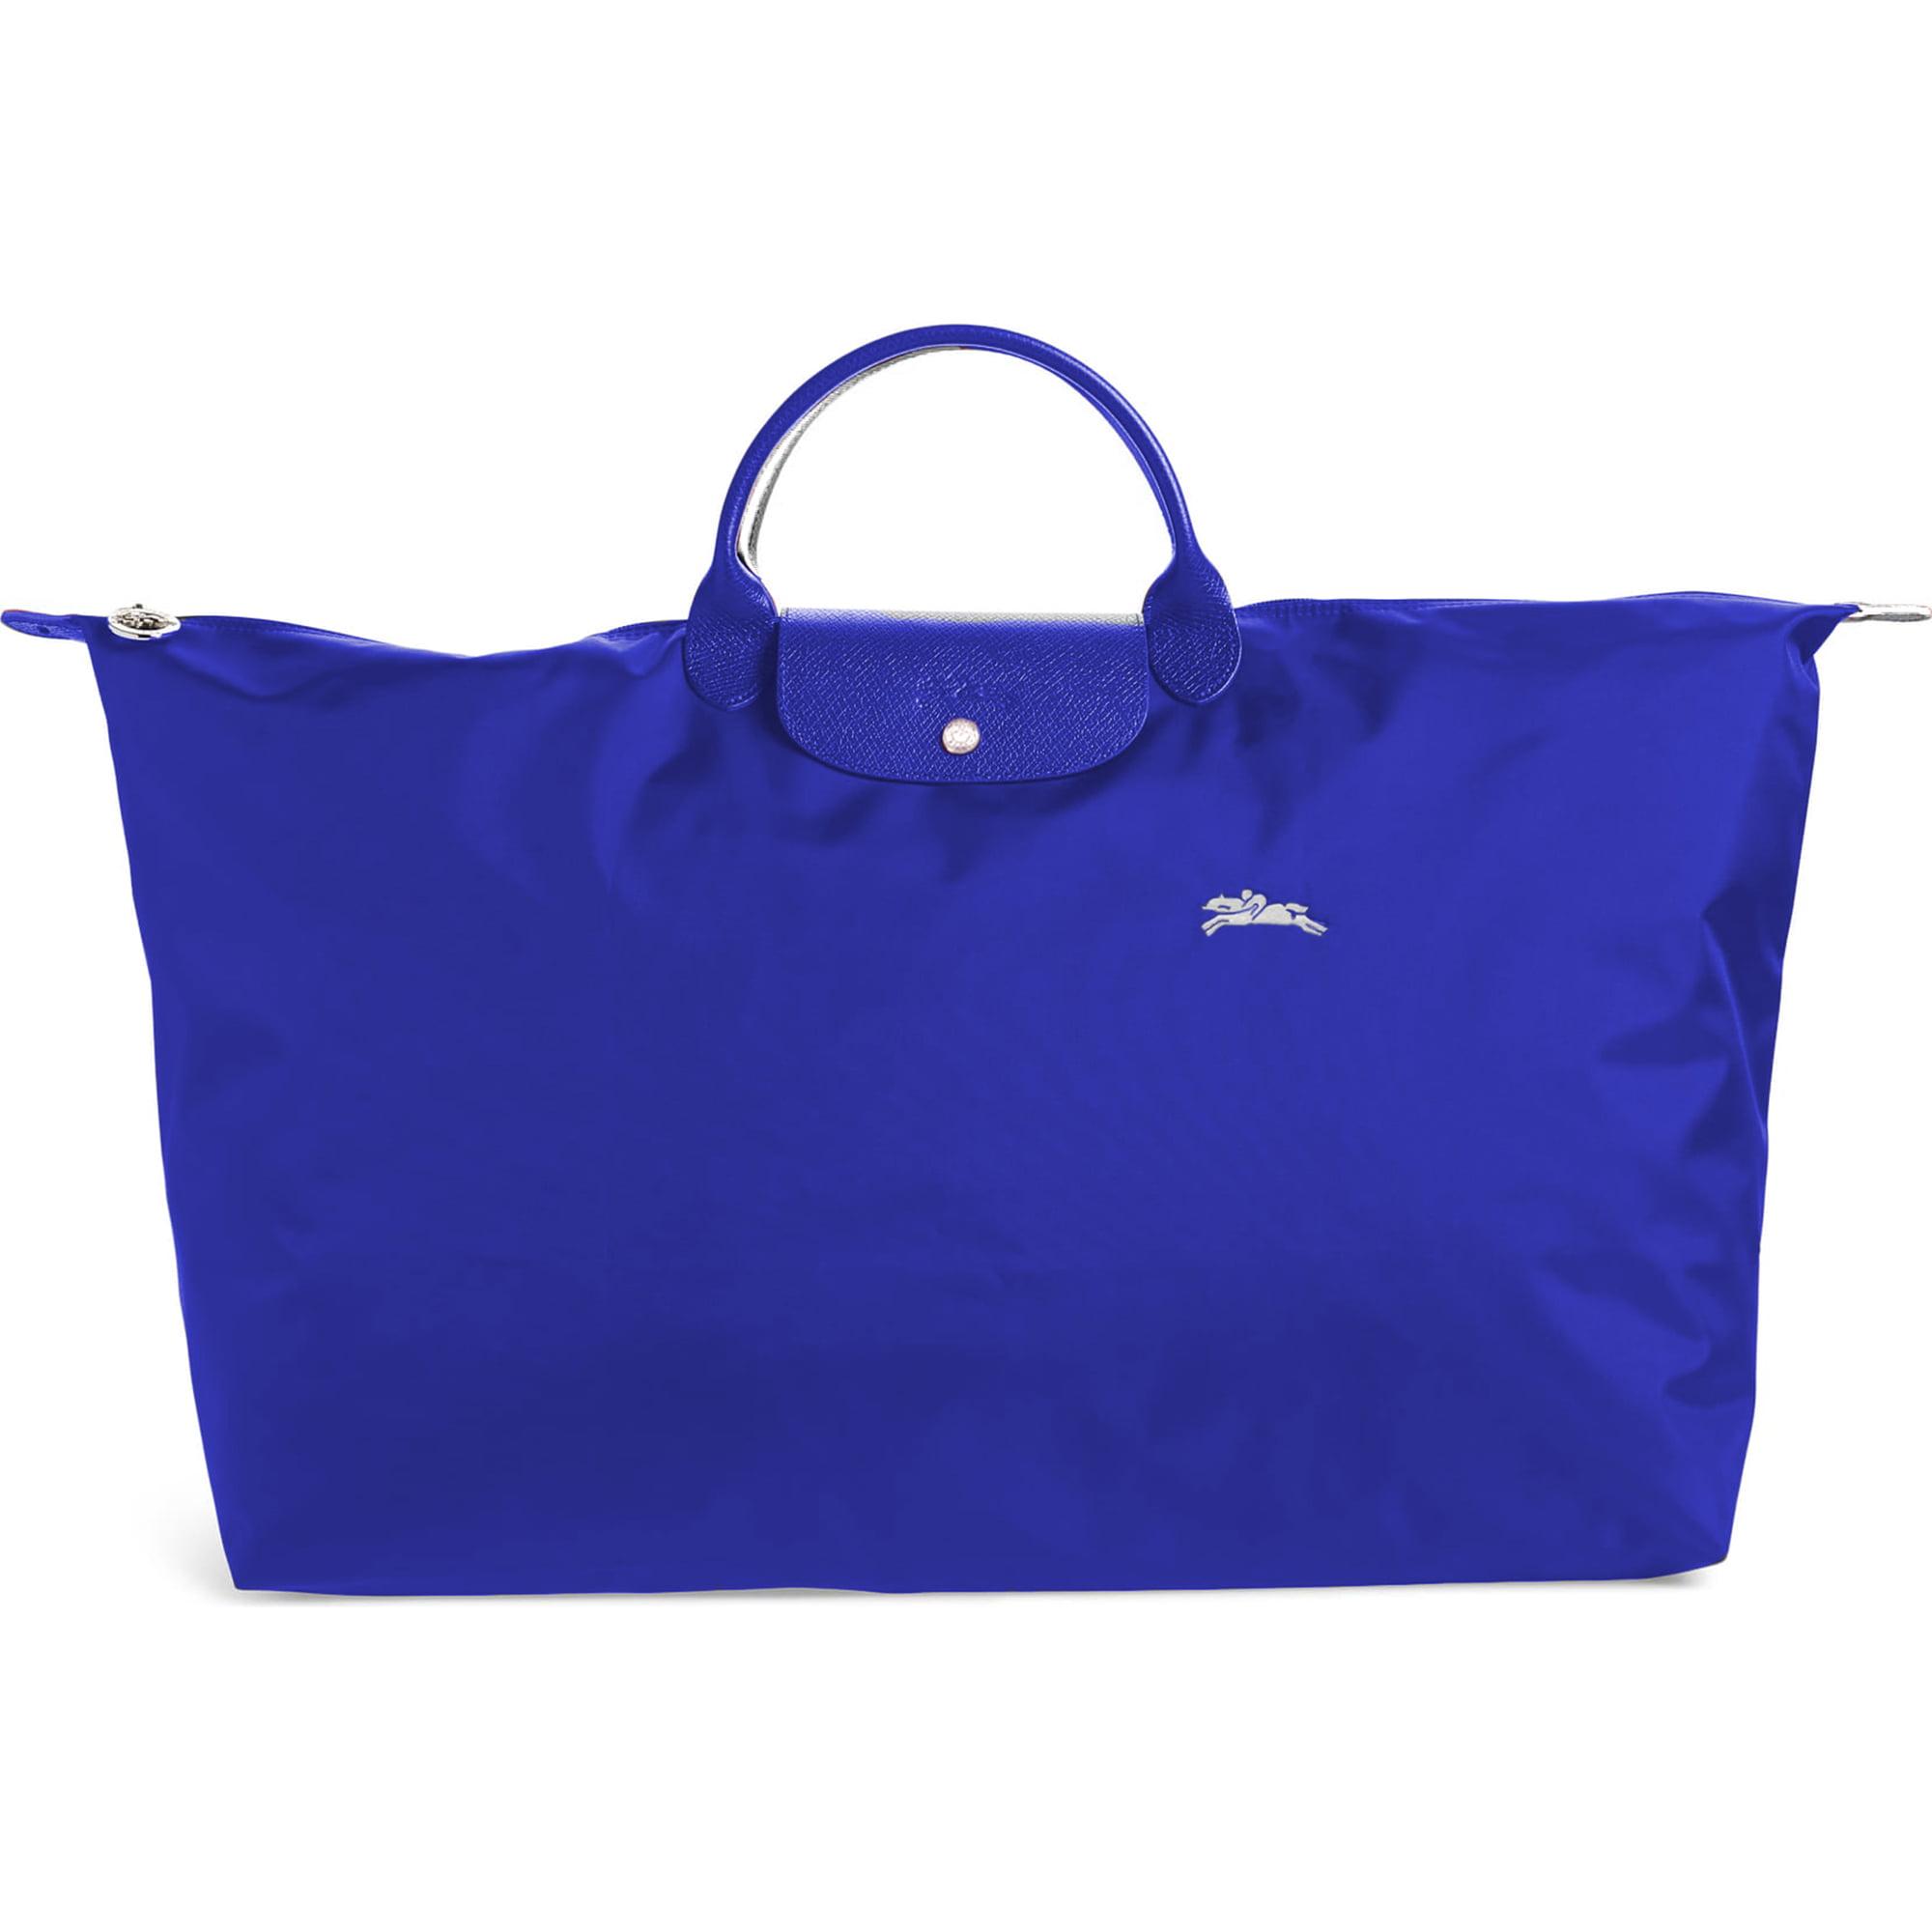 LongChamp Women's Le Pliage Club Travel Bag XL Cobalt Blue - Walmart.com